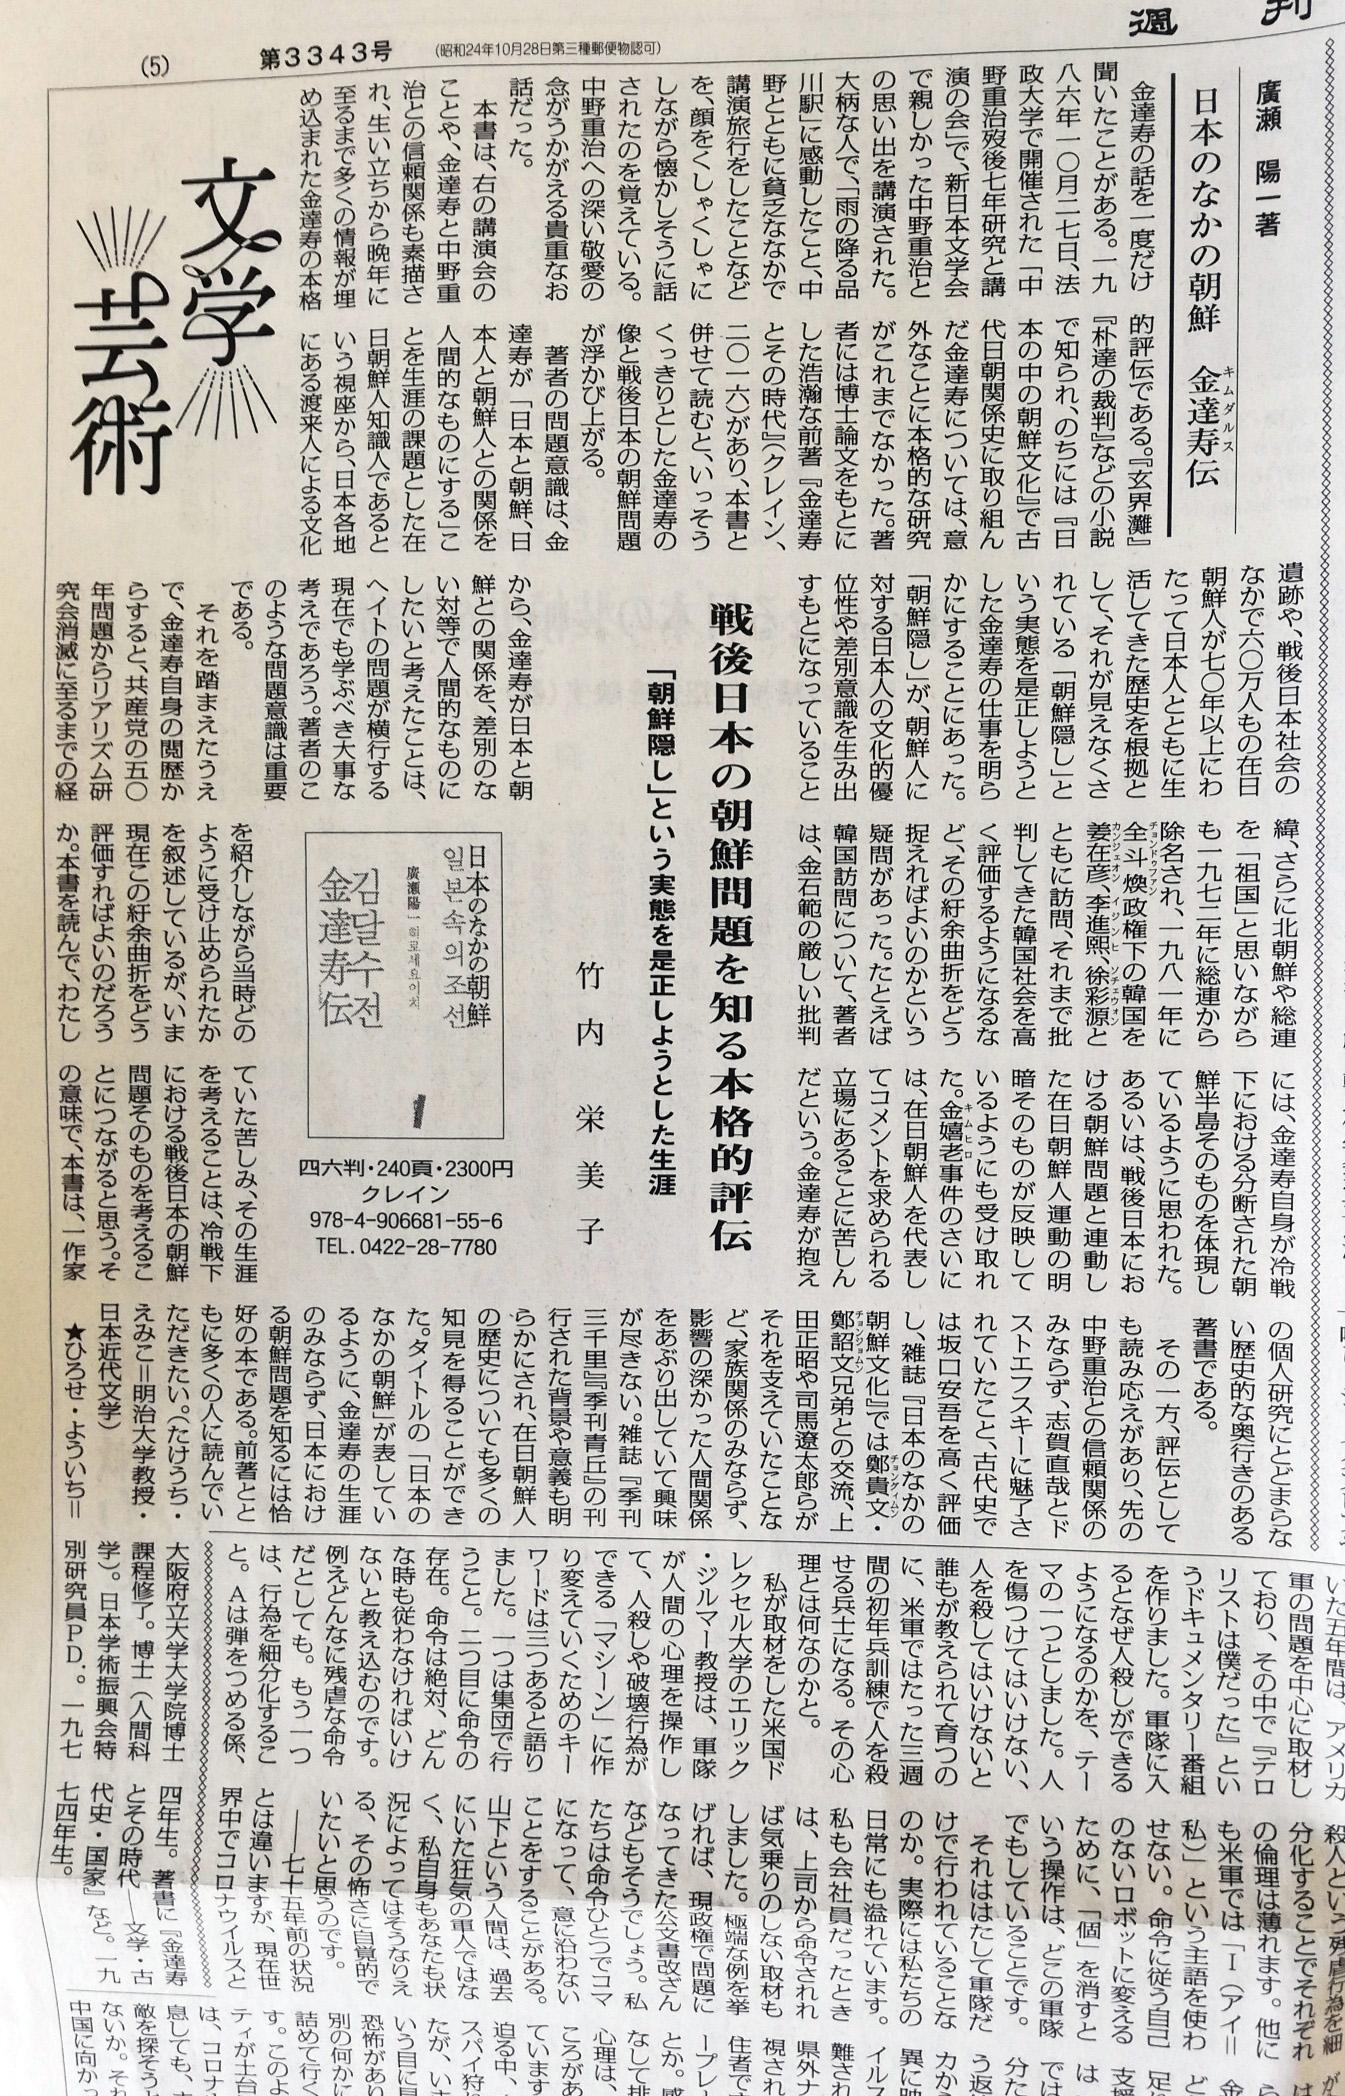 『週刊 読書人』での『金達寿伝』の書評